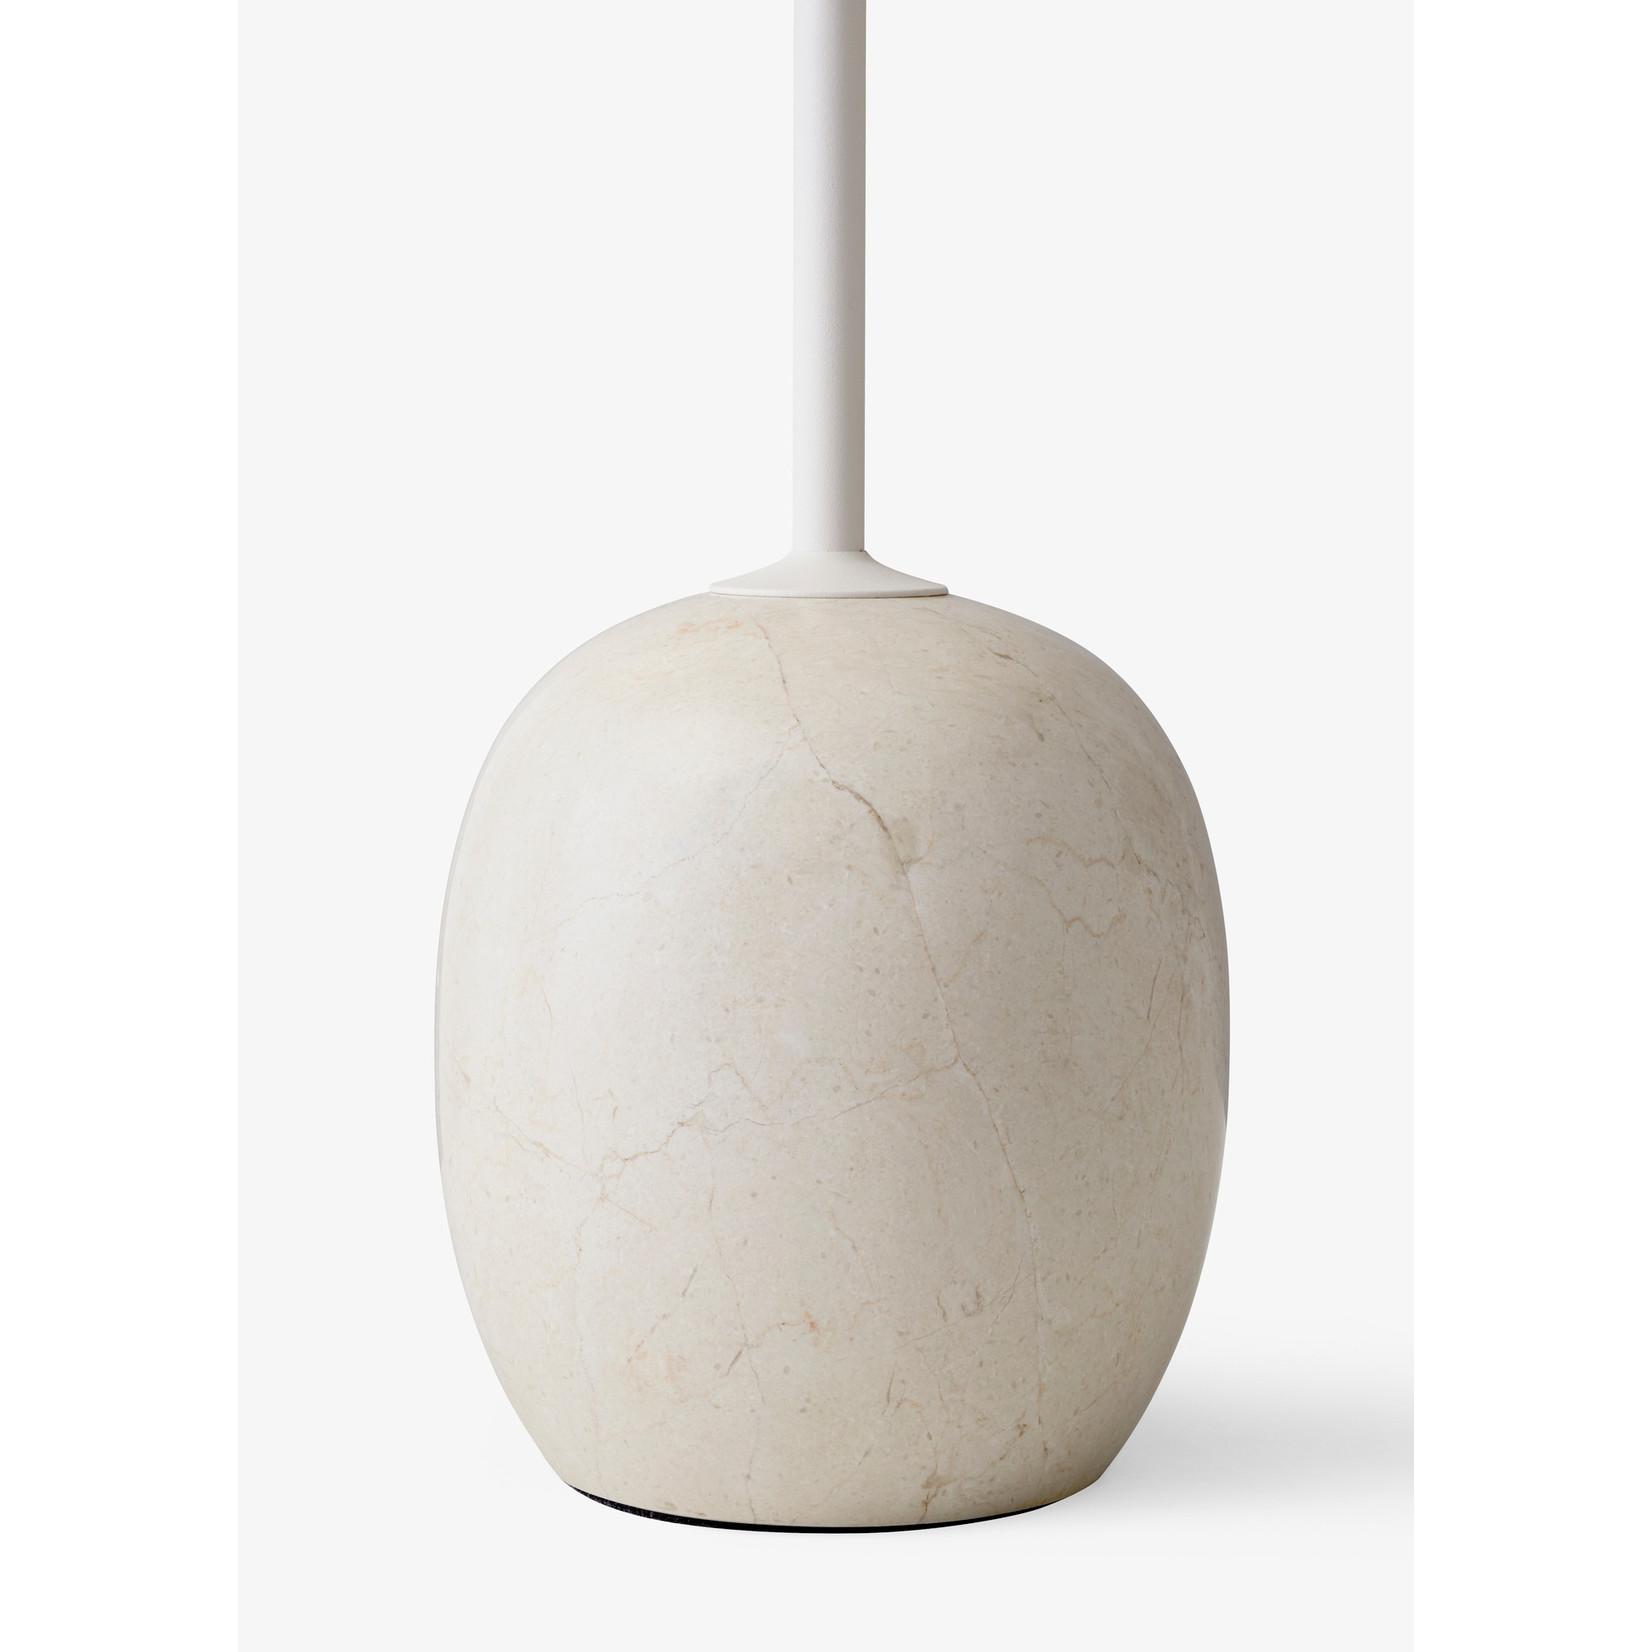 &Tradition Table d'appoint Lato LN8 | Blanc ivoire et marbre Crema Diva